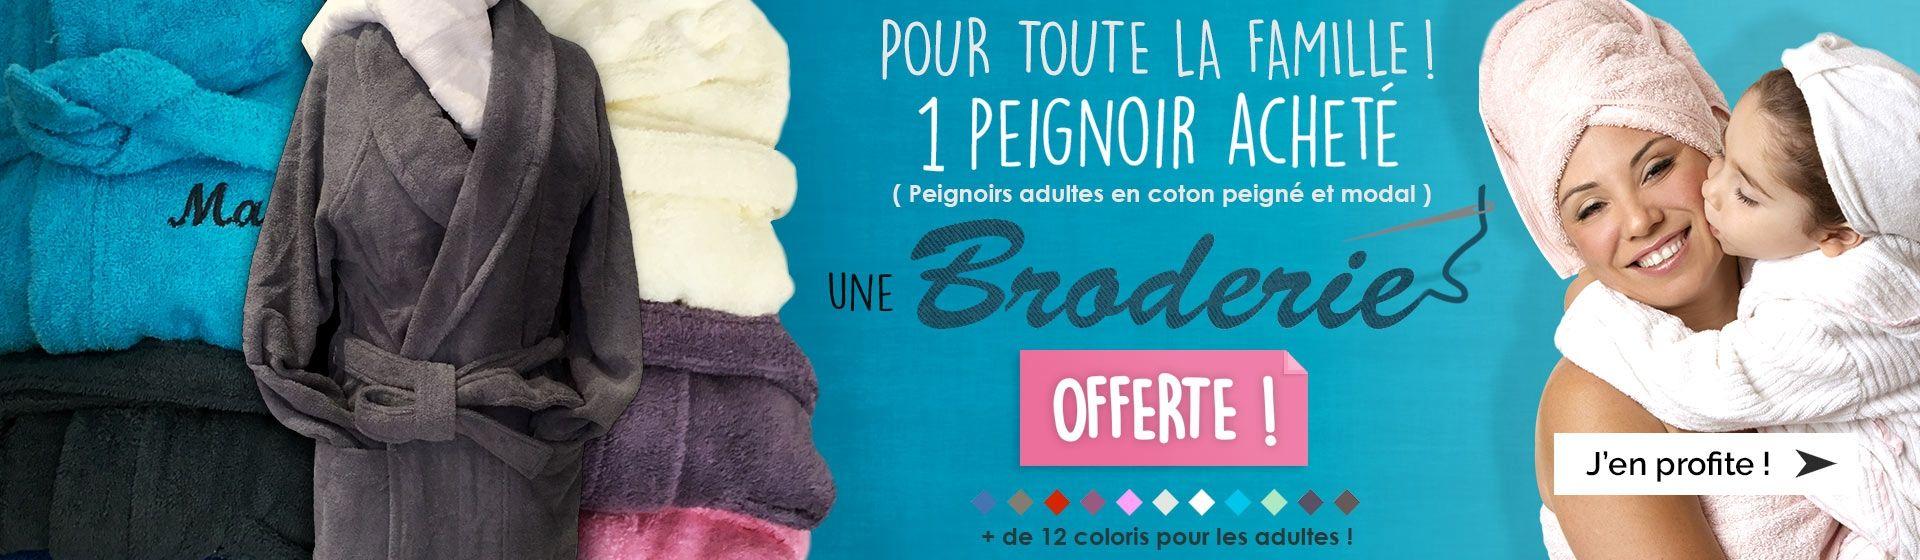 Peignoir enfant 100% coton + broderie offerte